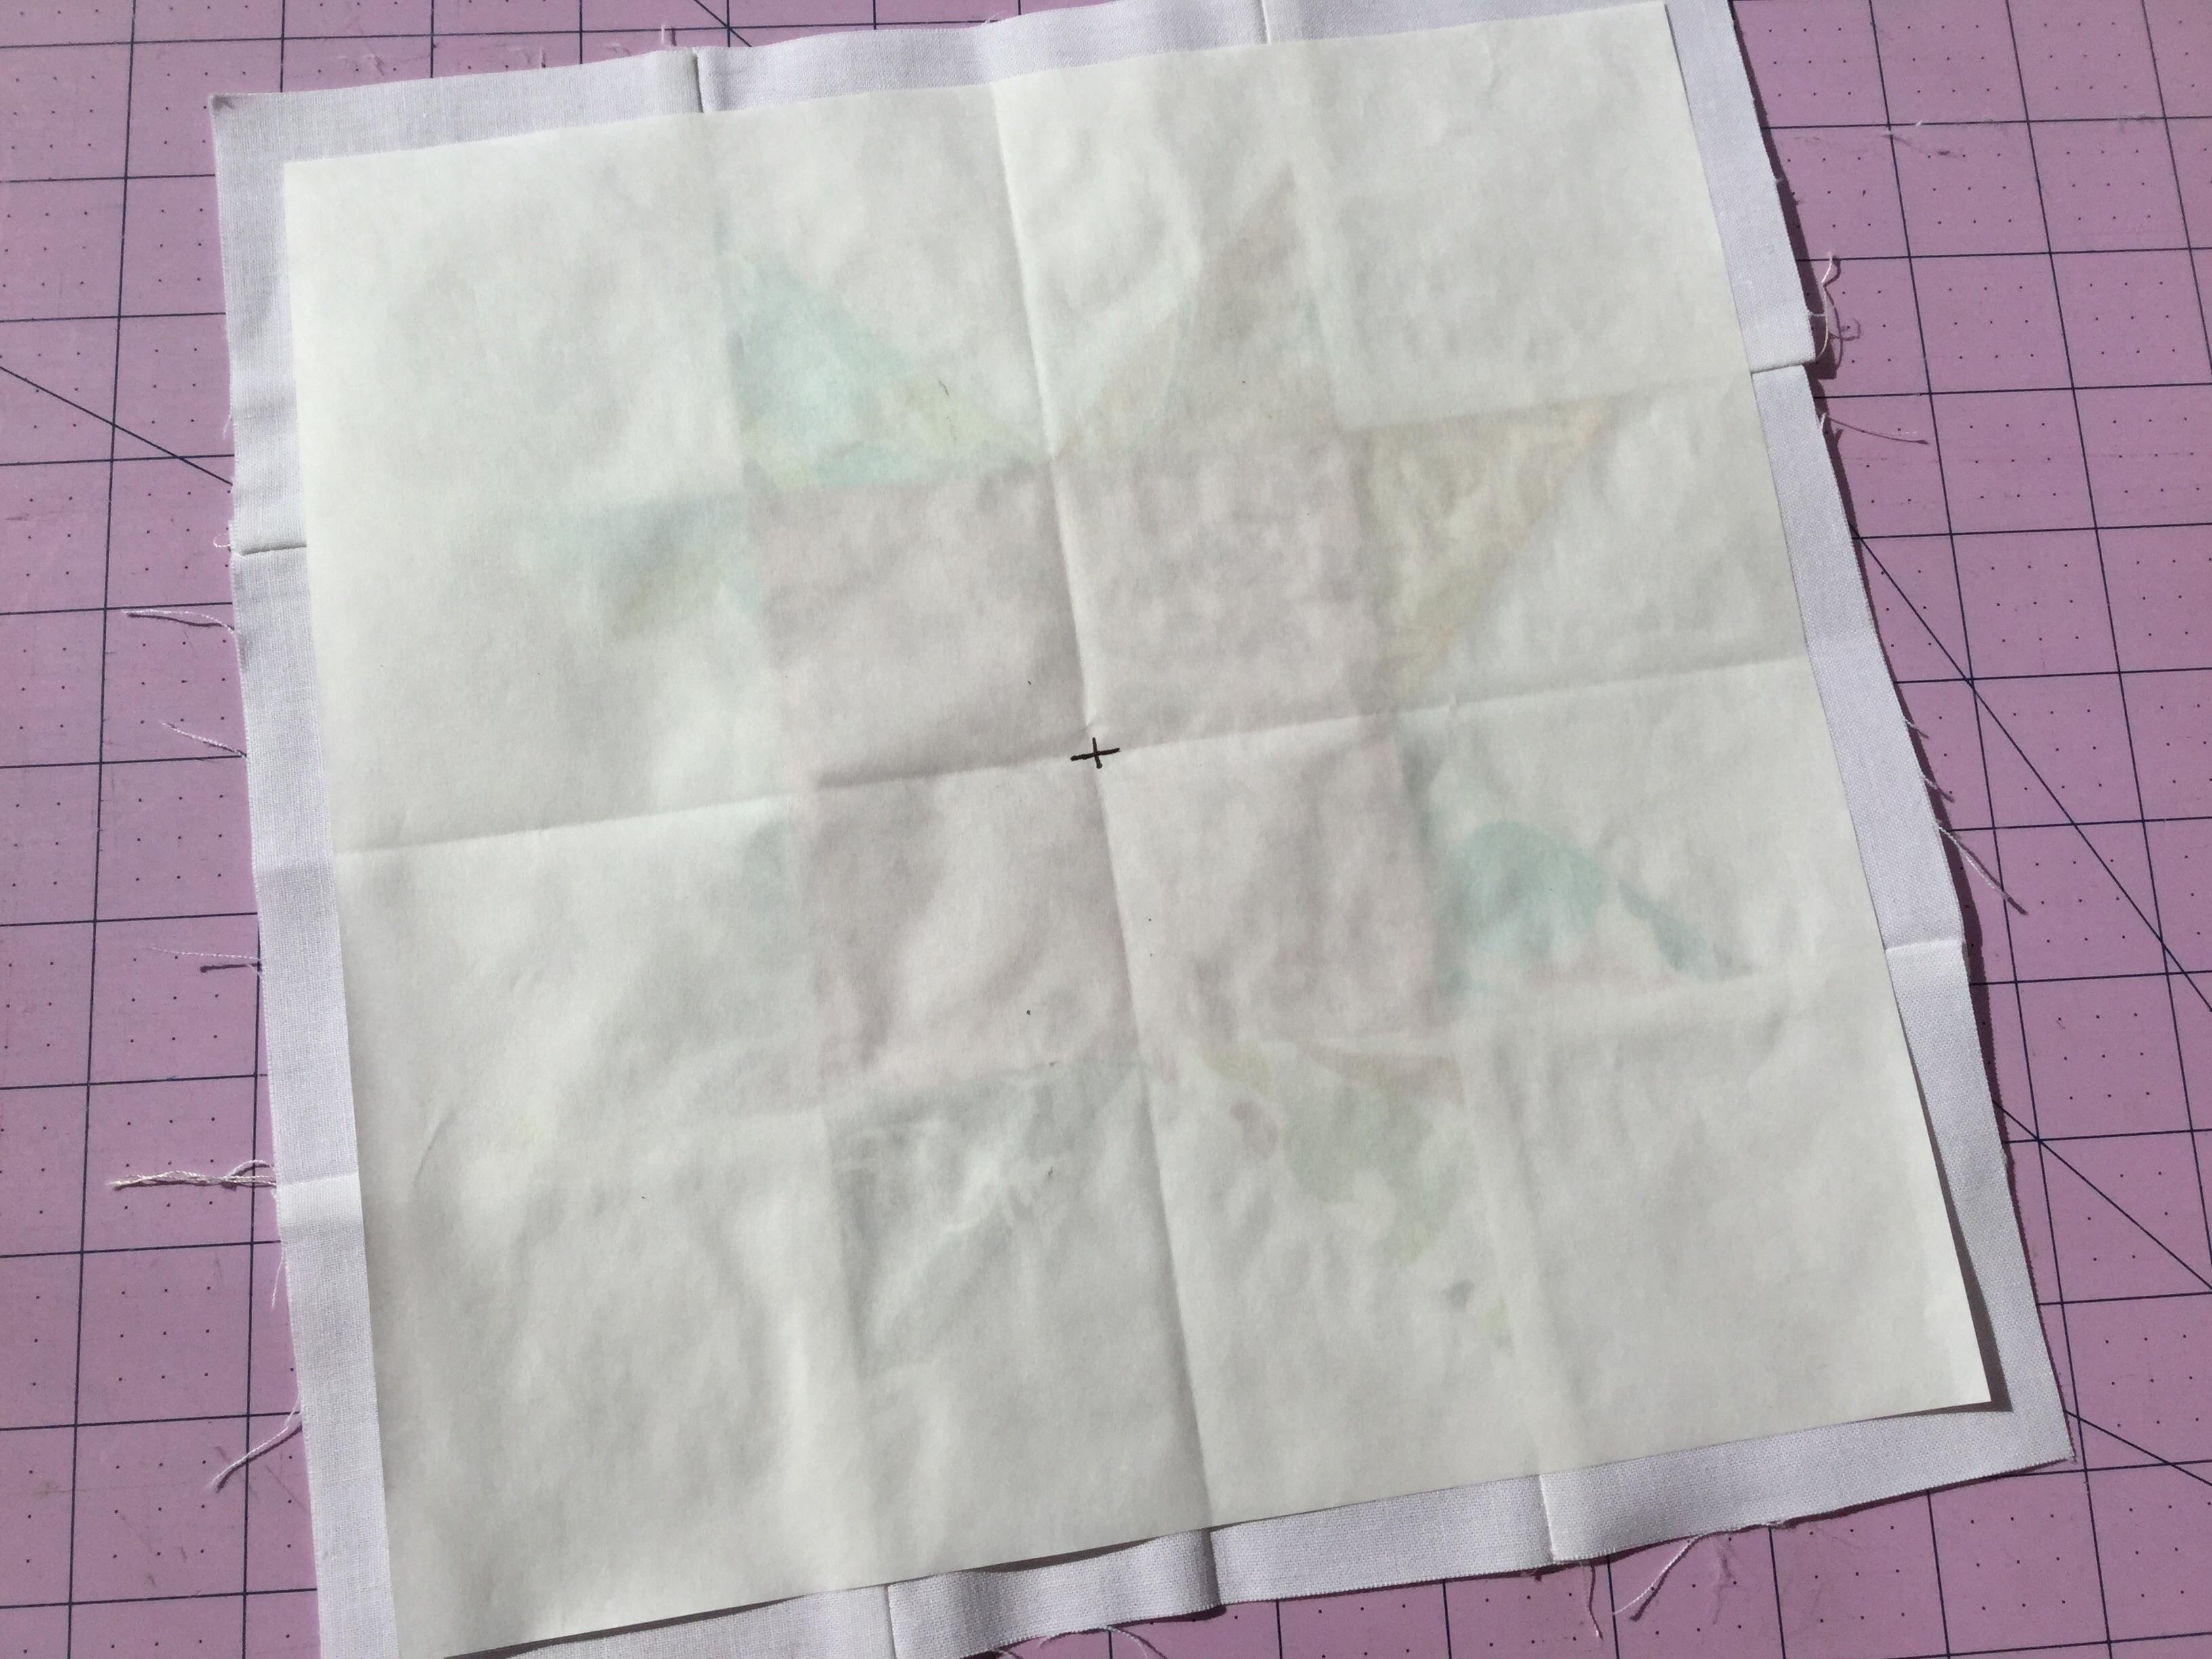 Lucky stars quilt pattern | SewMod : lucky star quilt pattern - Adamdwight.com